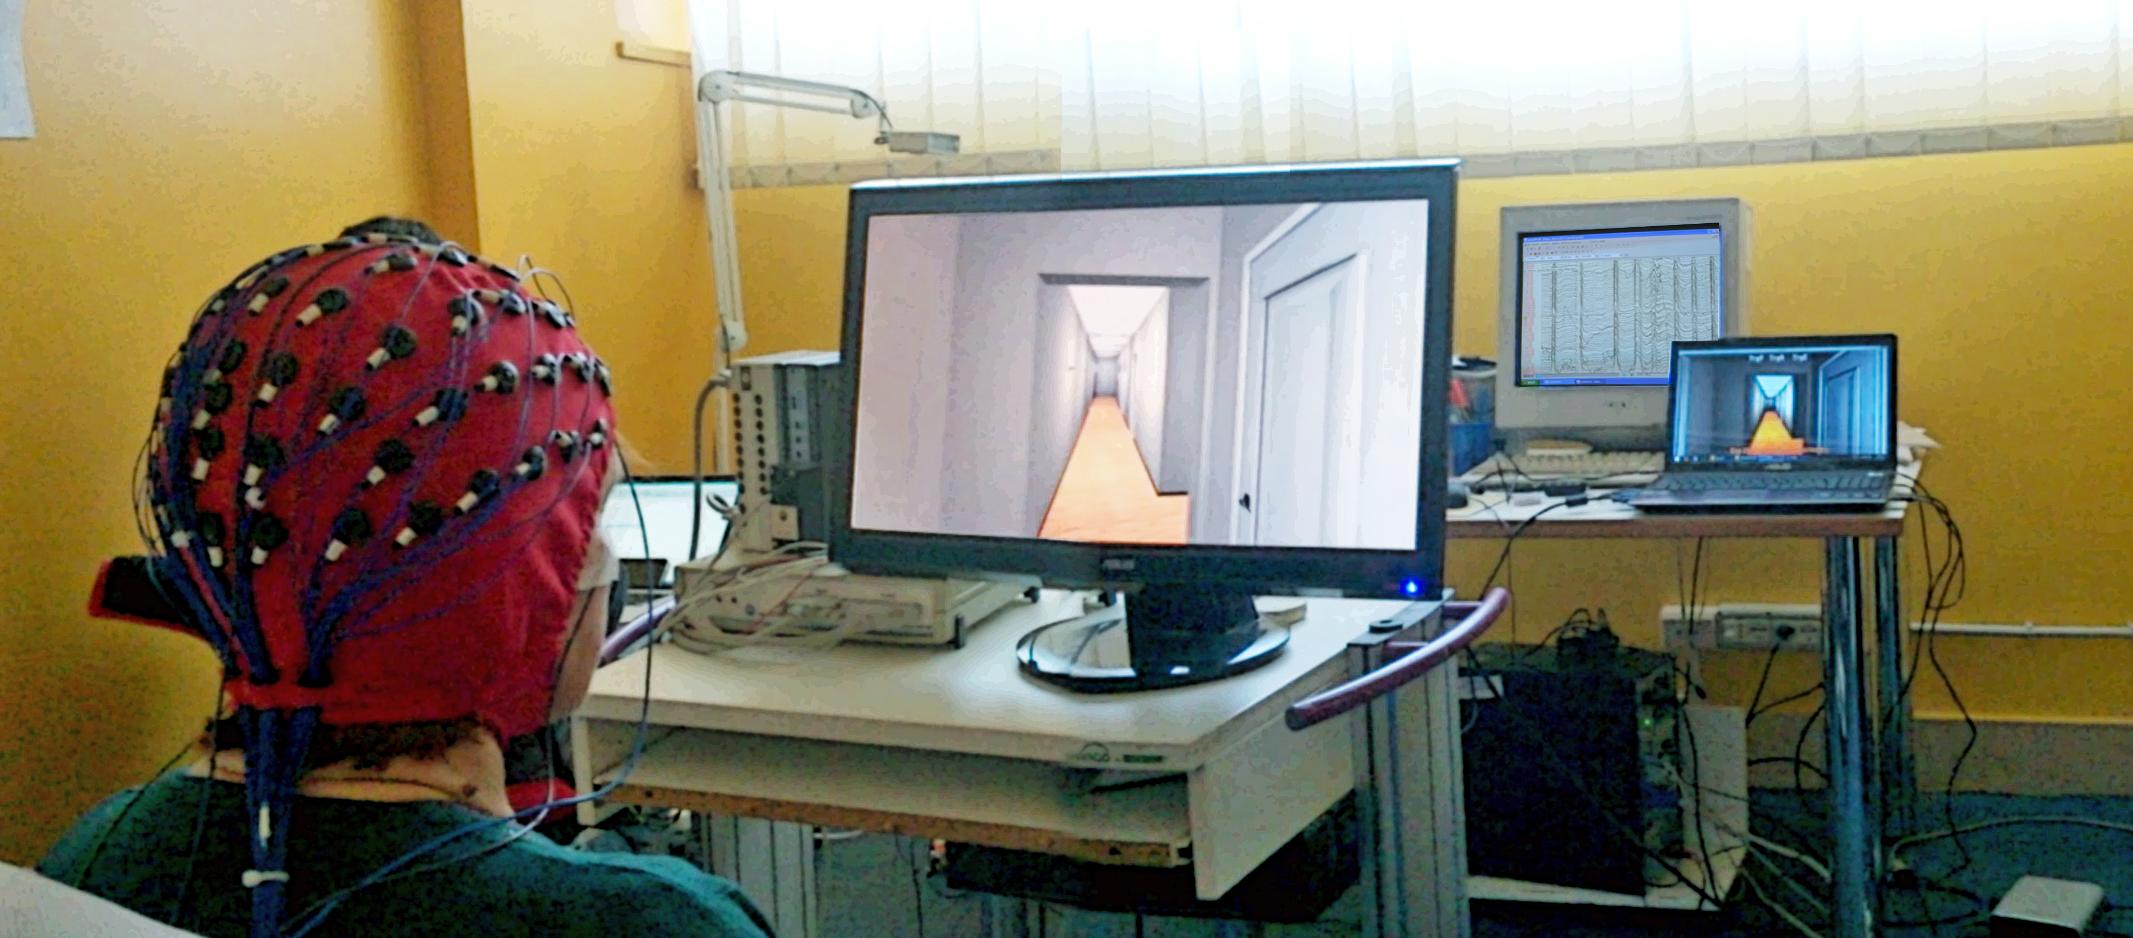 Simulazione Cognitiva dell'esperimento ResCap